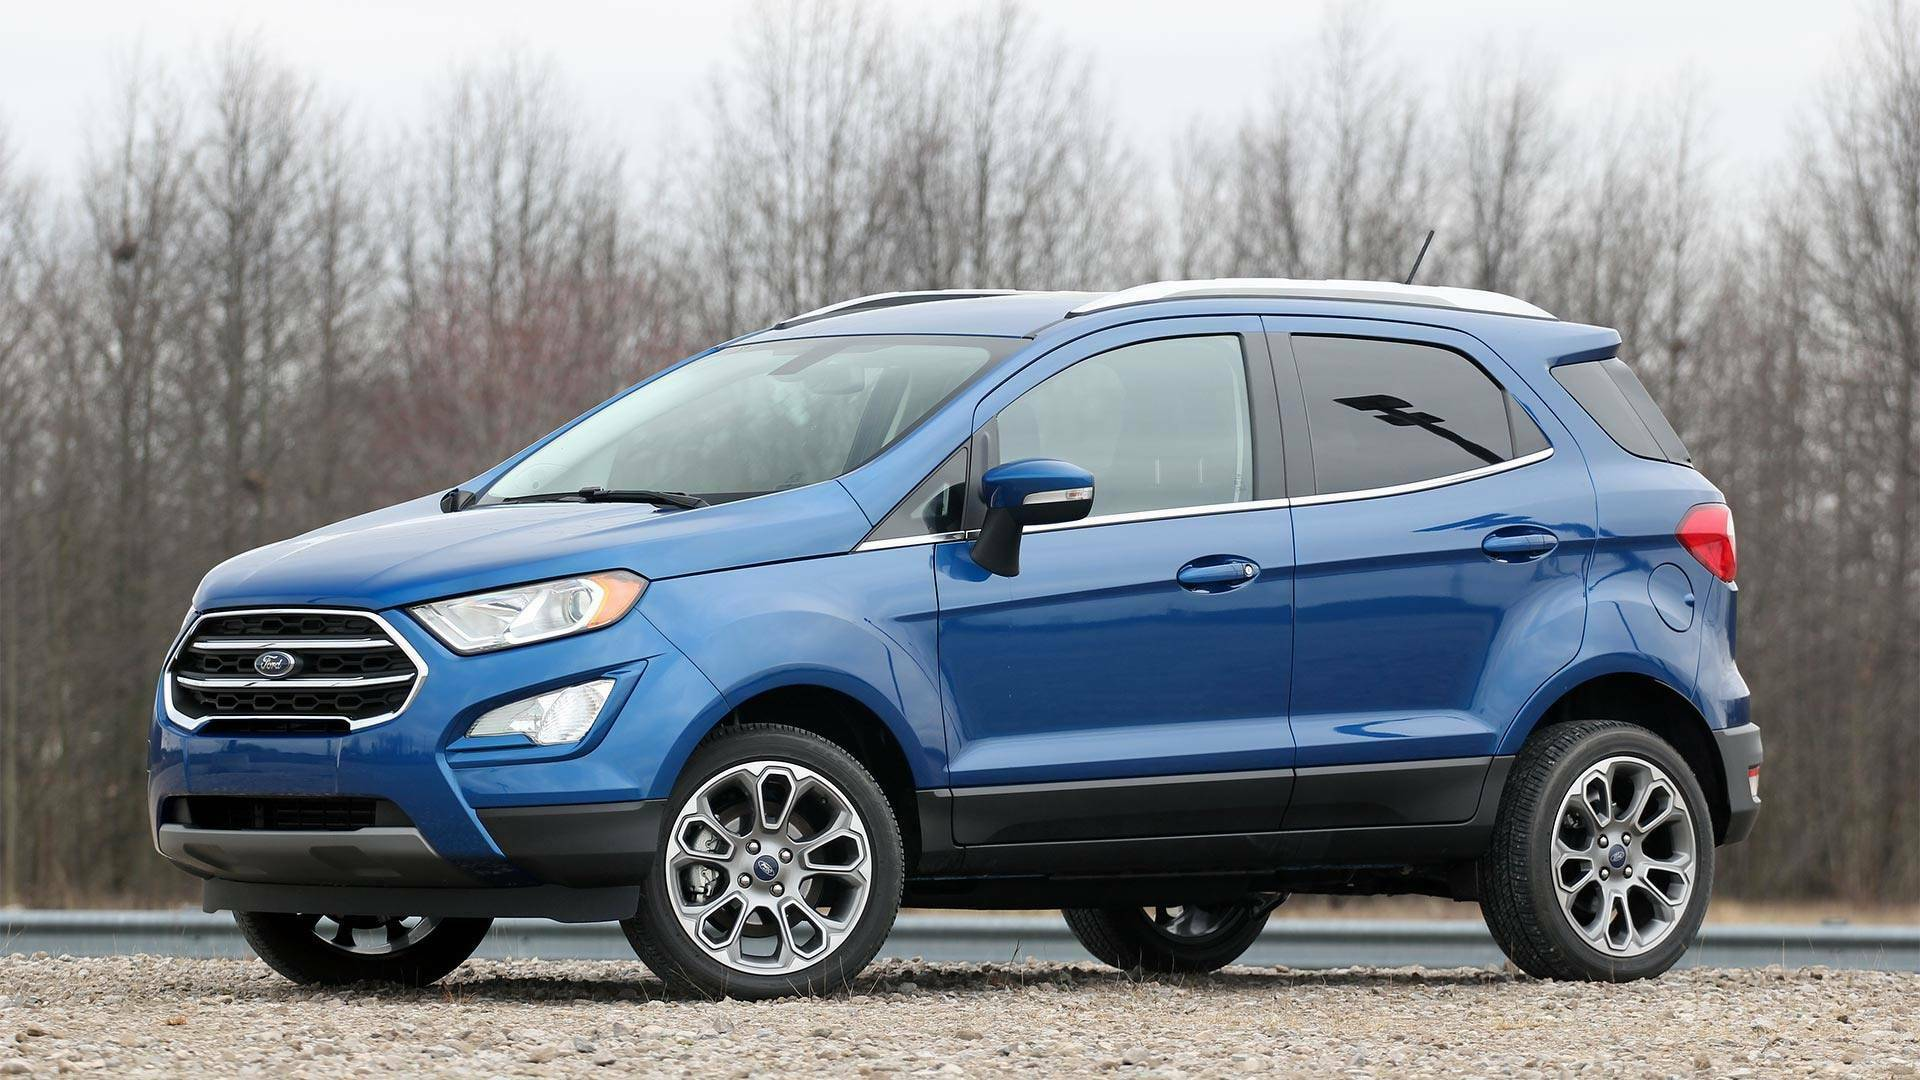 Ford EcoSport покинет американский рынок в середине 2022 года